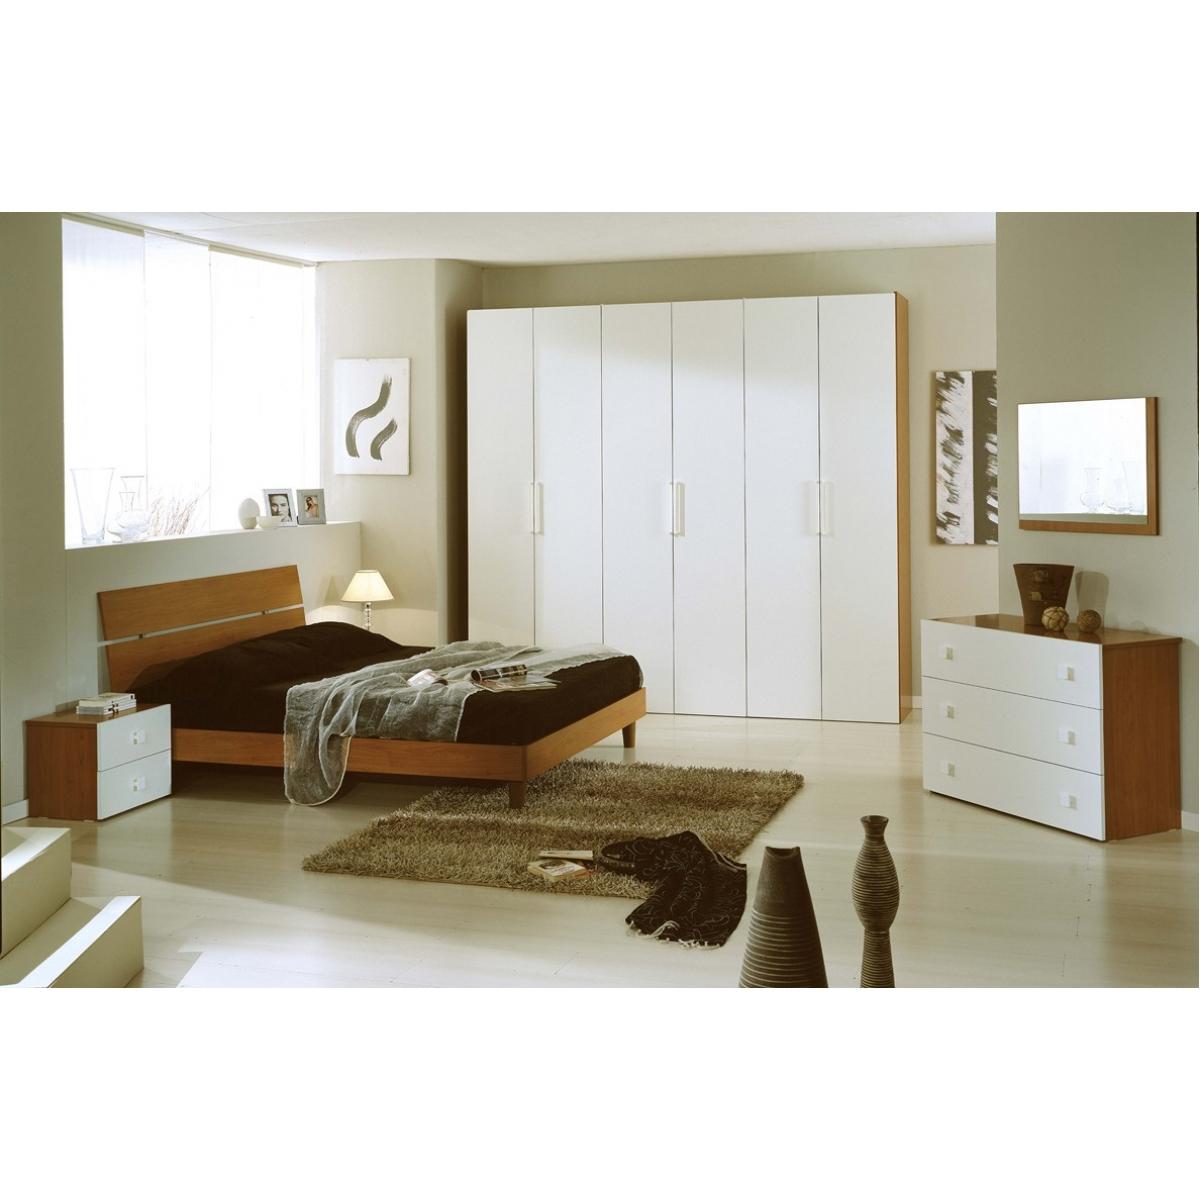 837 camera da letto completa ciliegio crema moderna - Camera da letto ciliegio ...